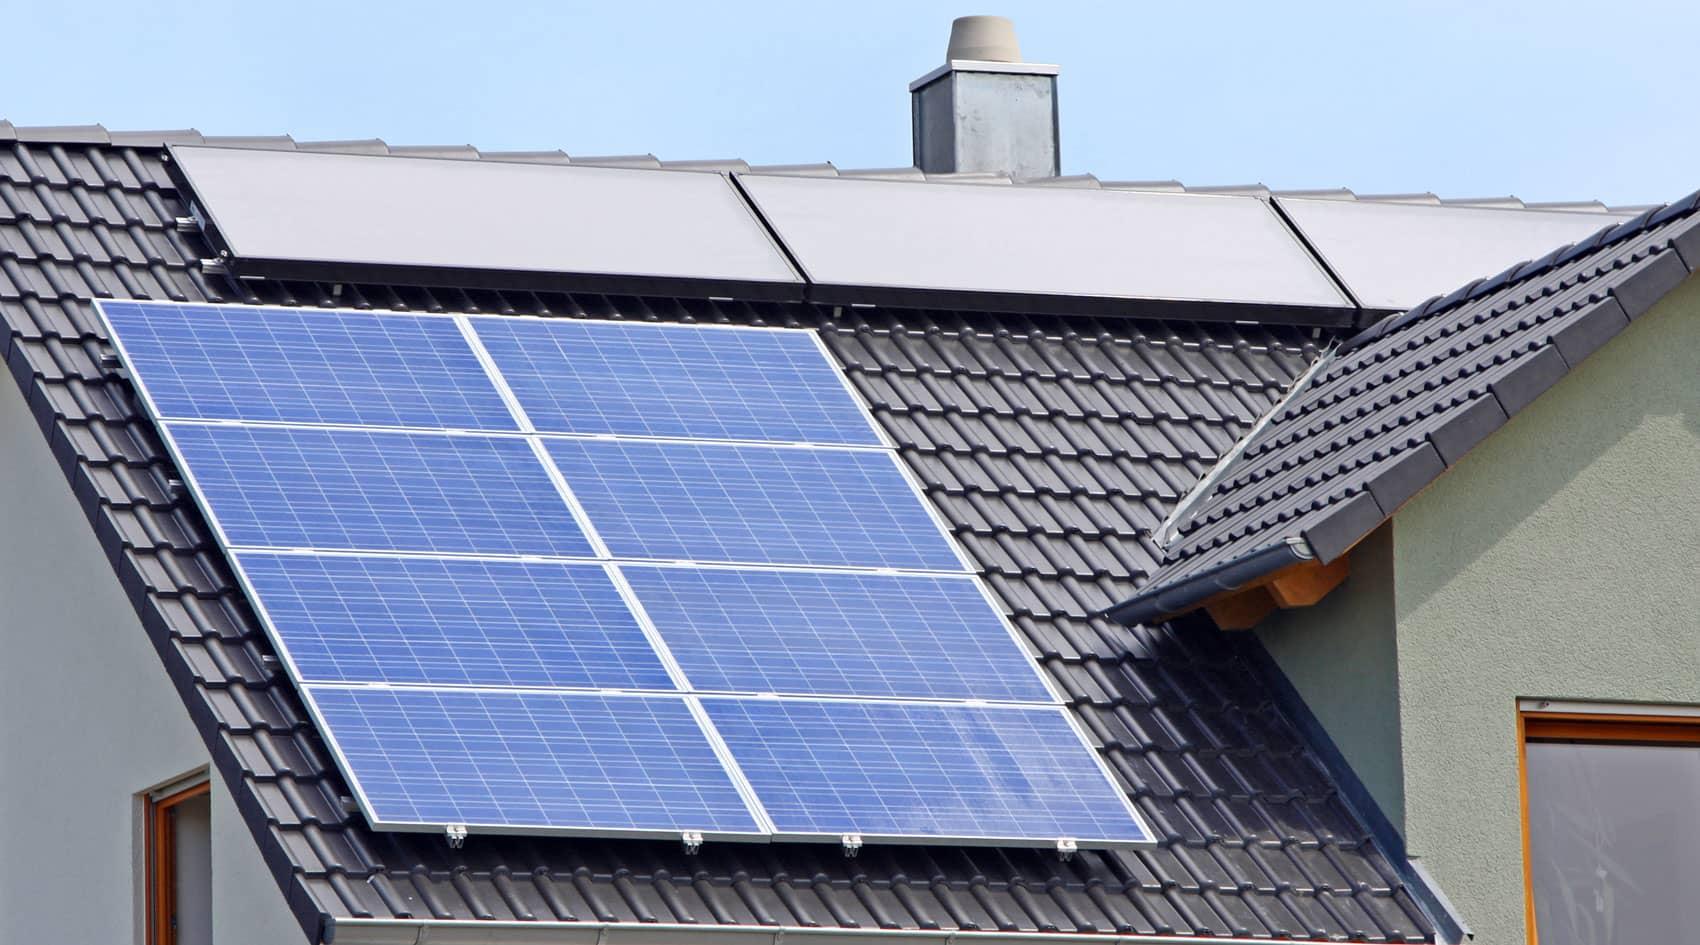 Солнечные батареи для частного дома: развенчание мифов и реальные отзывы владельцев